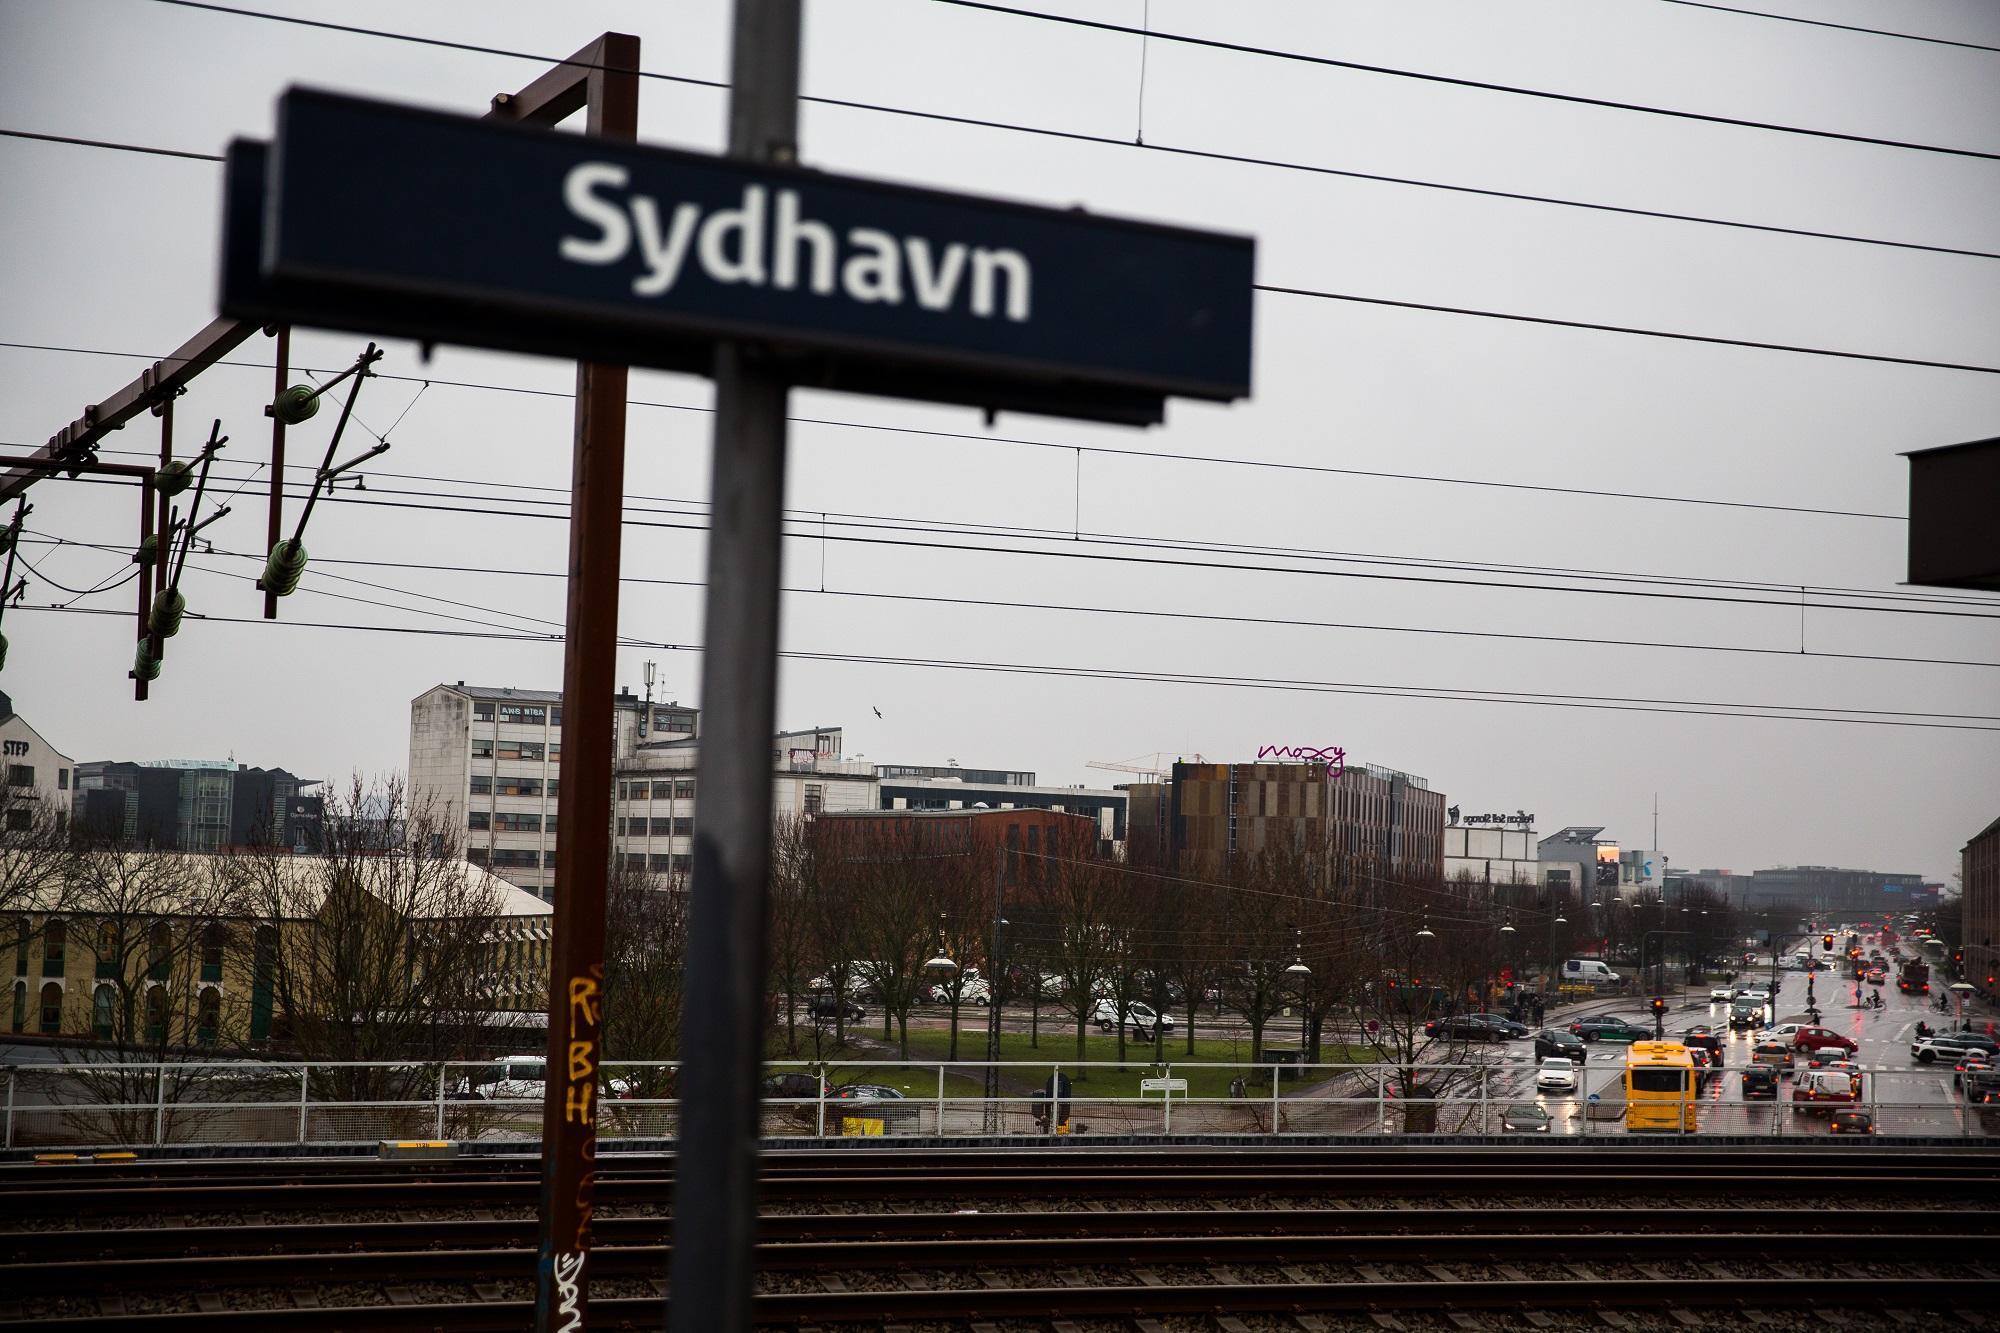 Københavns nyeste hotel ligger tæt på Sydhavnen S-togstation, to stop fra Københavns Hovedbanegård. Foto: Core Hospitality.